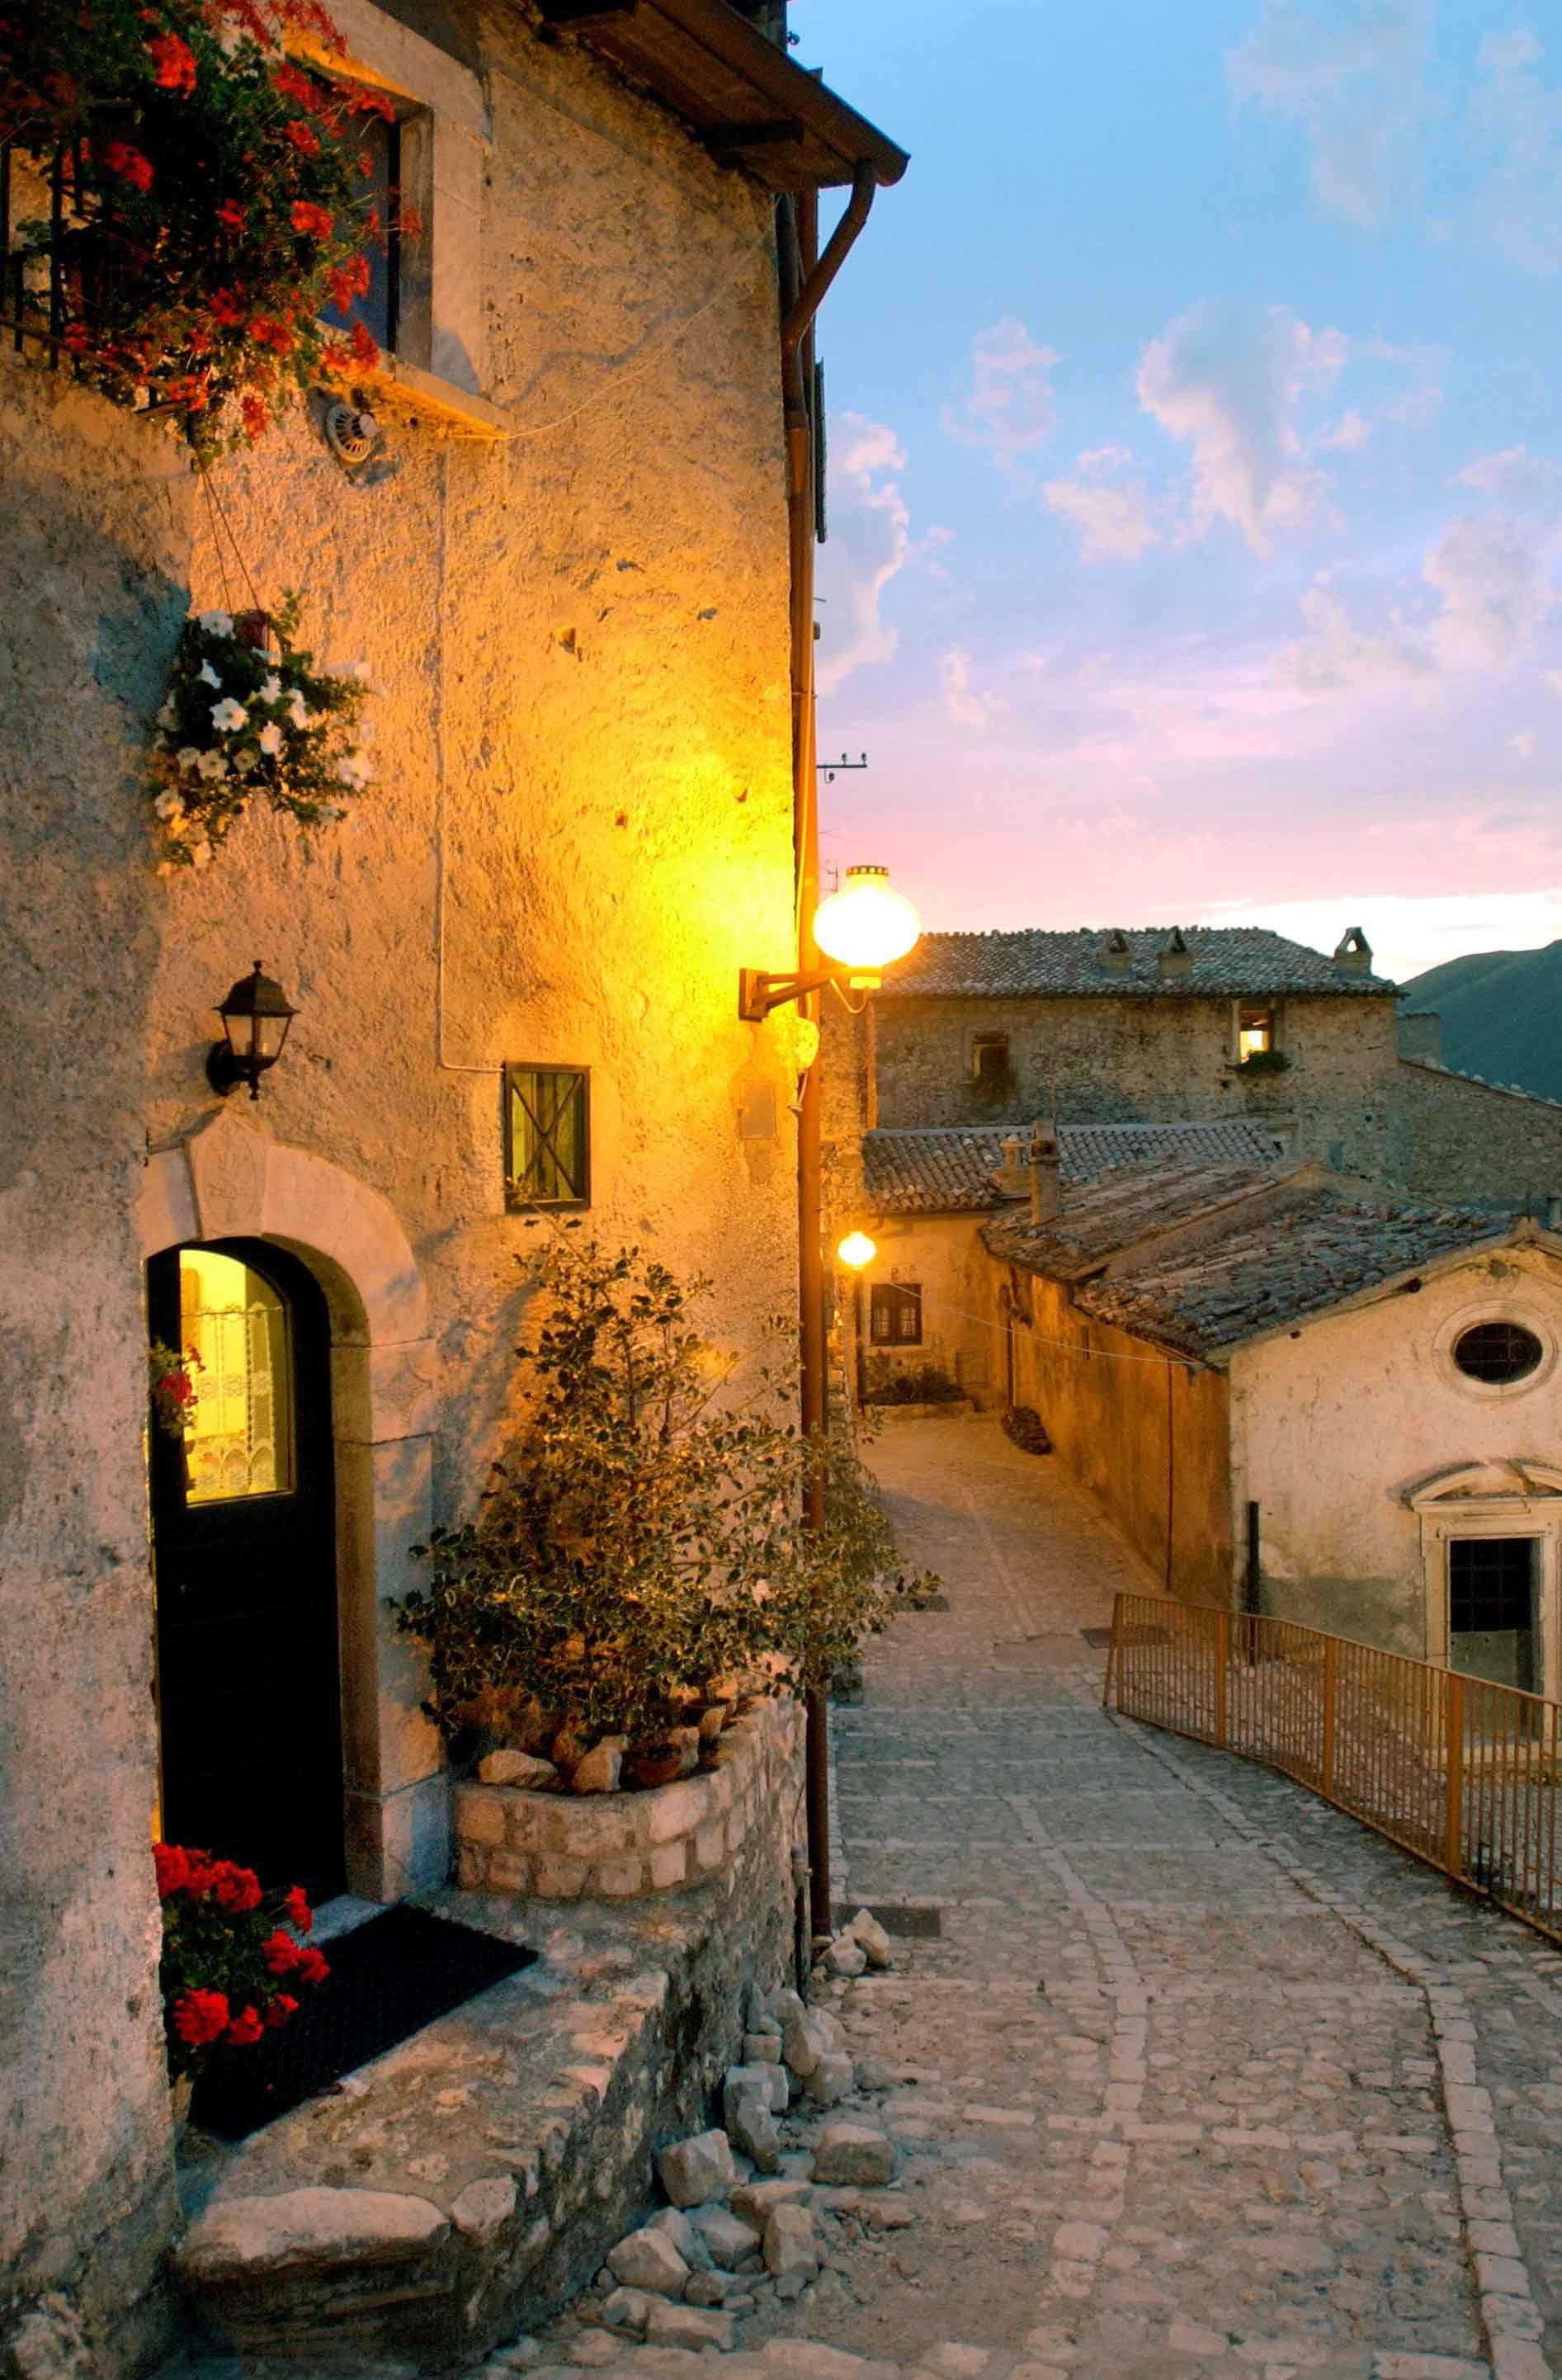 Santo Stefano, Abruzzo